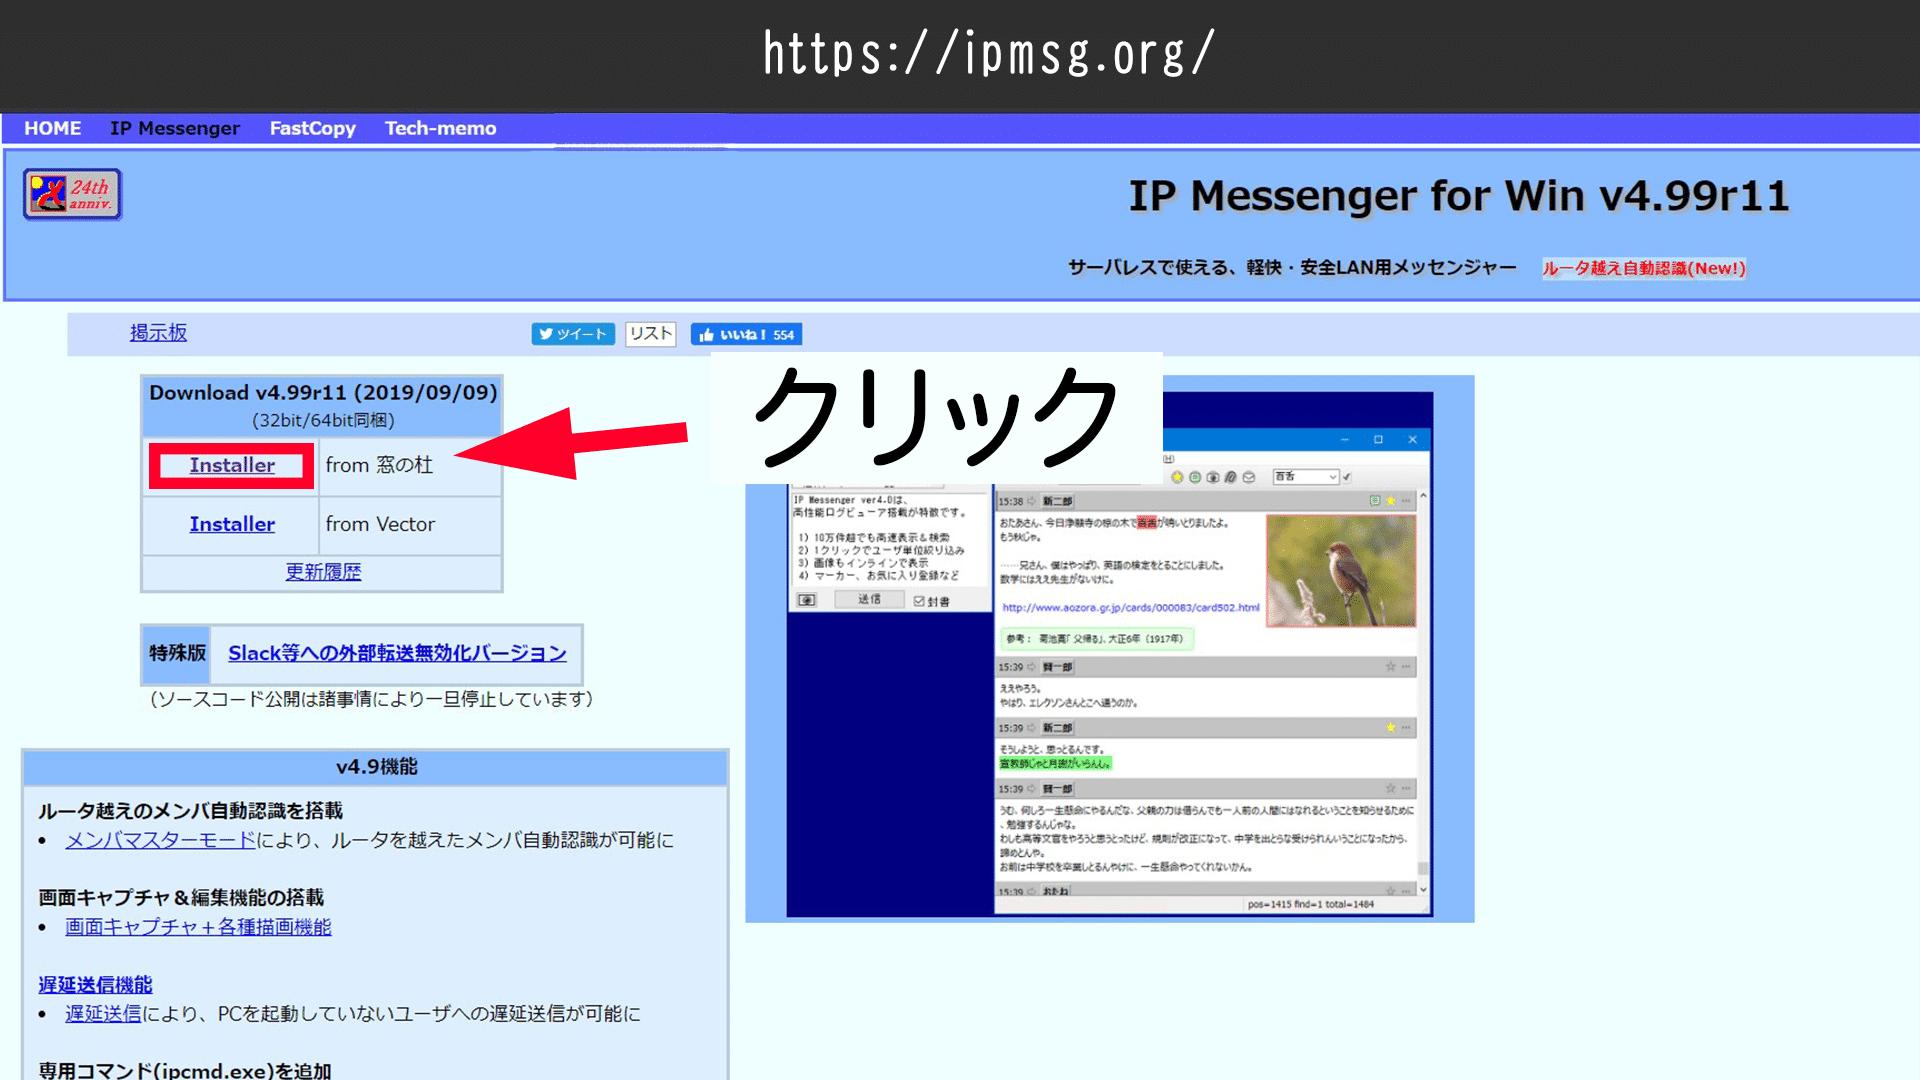 ipw1 - 【Windows/mac対応】 サーバレスで使える超高速の メッセージ、ファイル共有ソフト IP Messanger